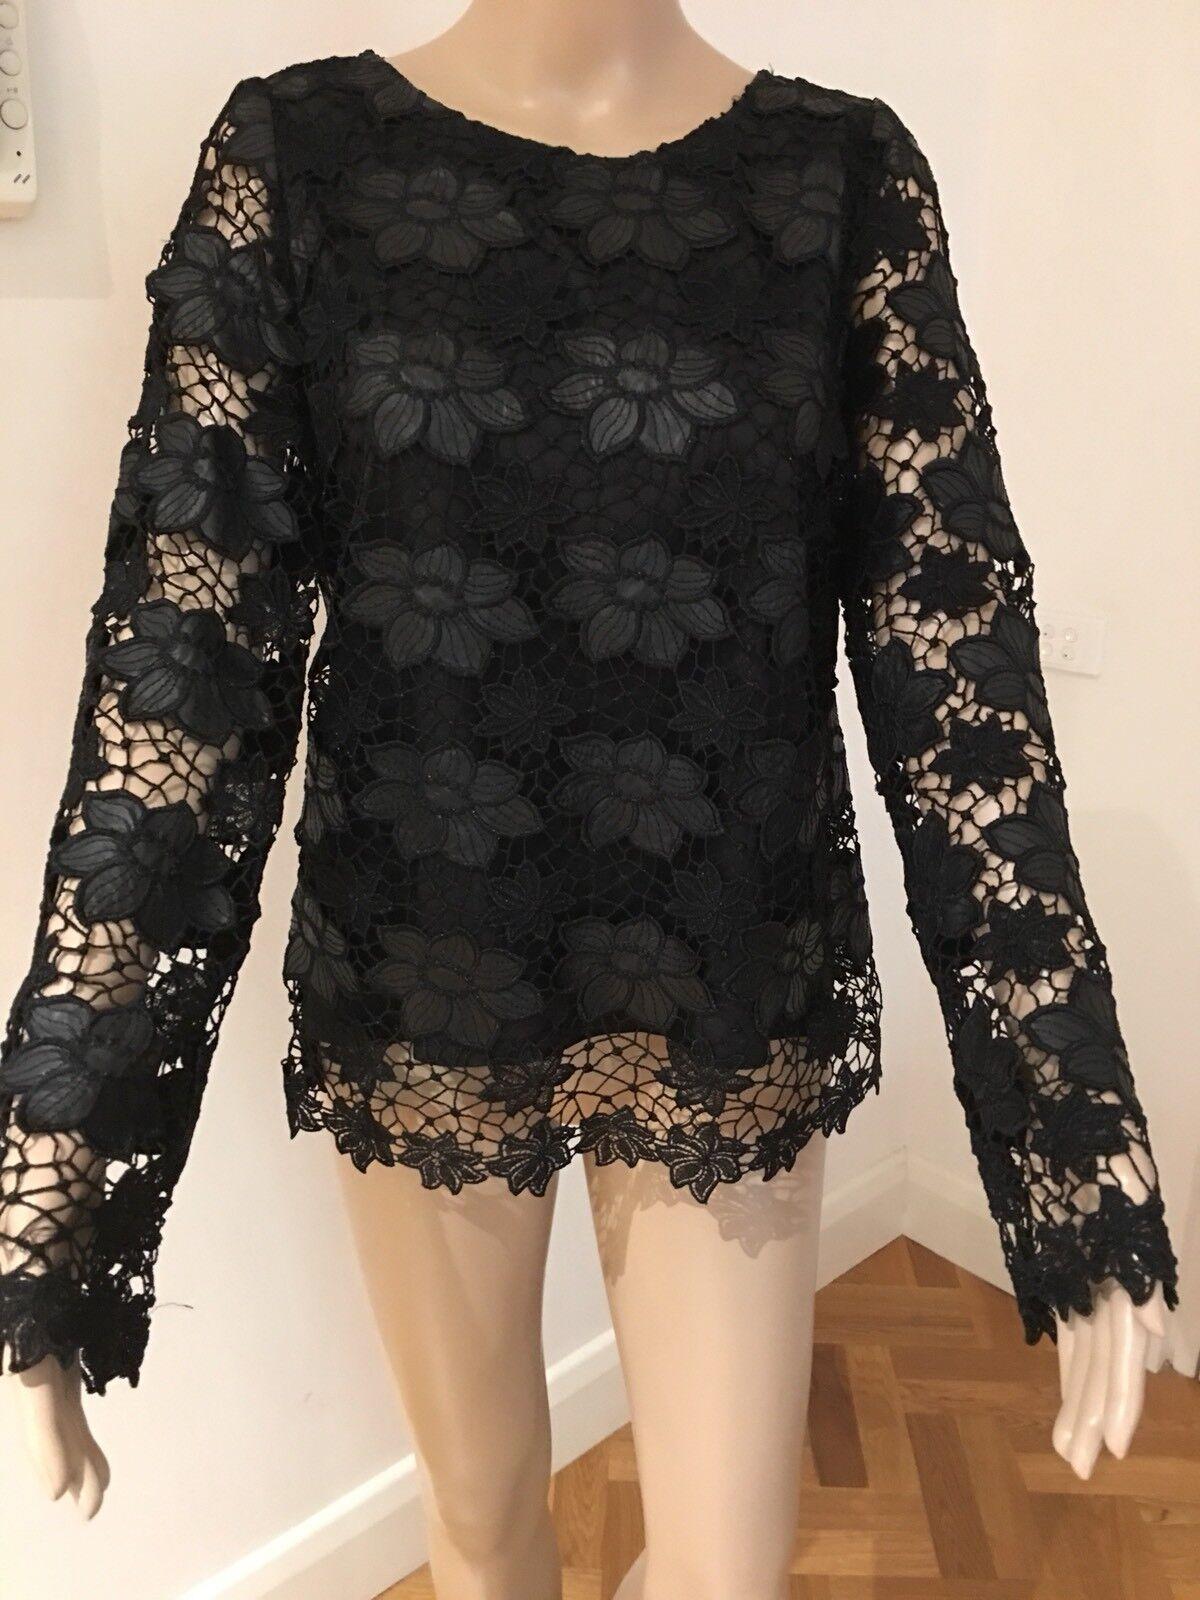 ETINCELLE COUTURE PARIS Lace Blouse Size 2 Medium New W o Tags